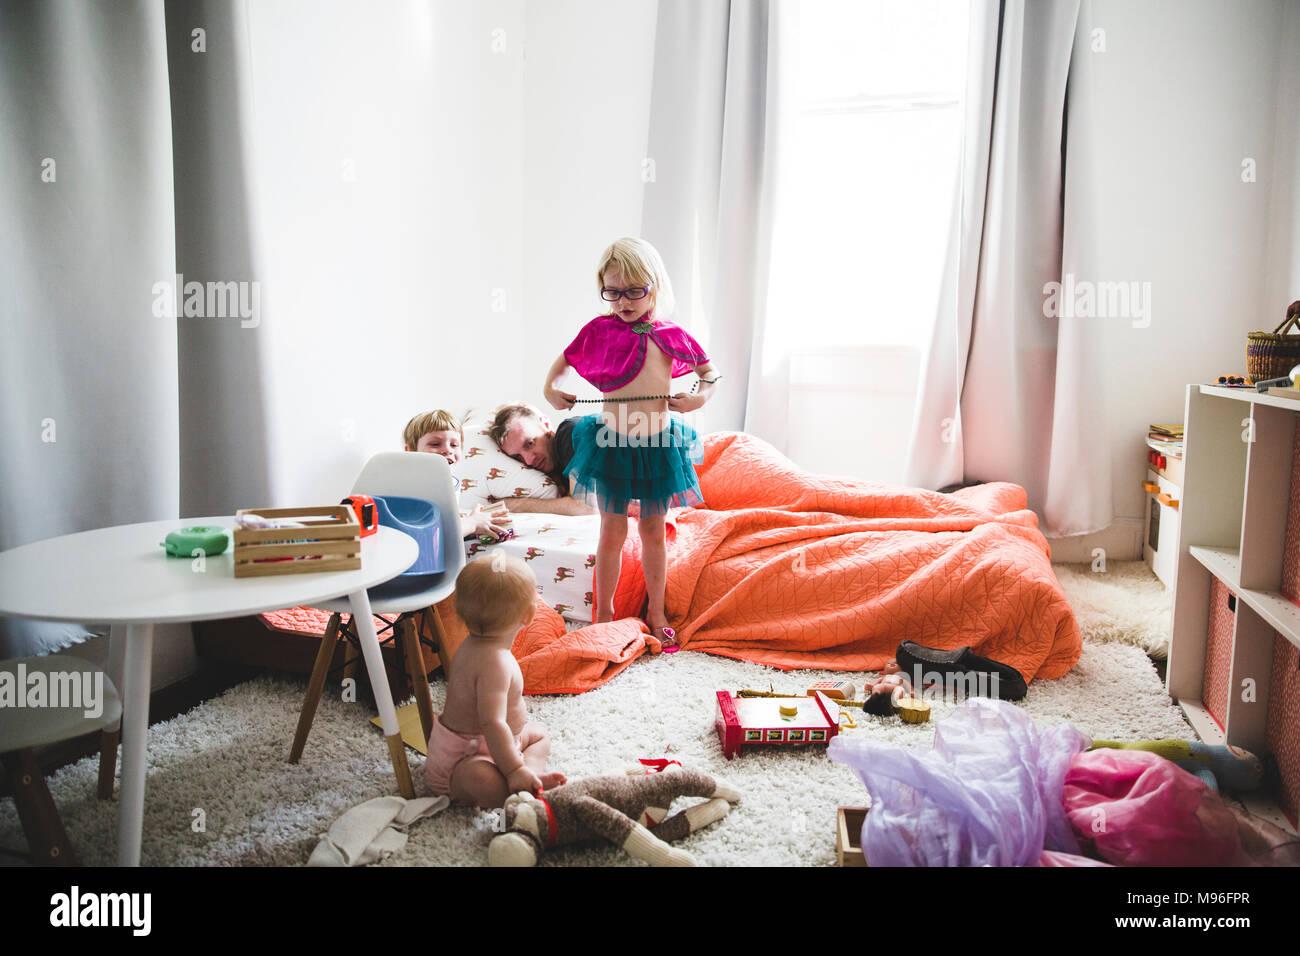 Chica en vestirse con la familia a su alrededor. Imagen De Stock